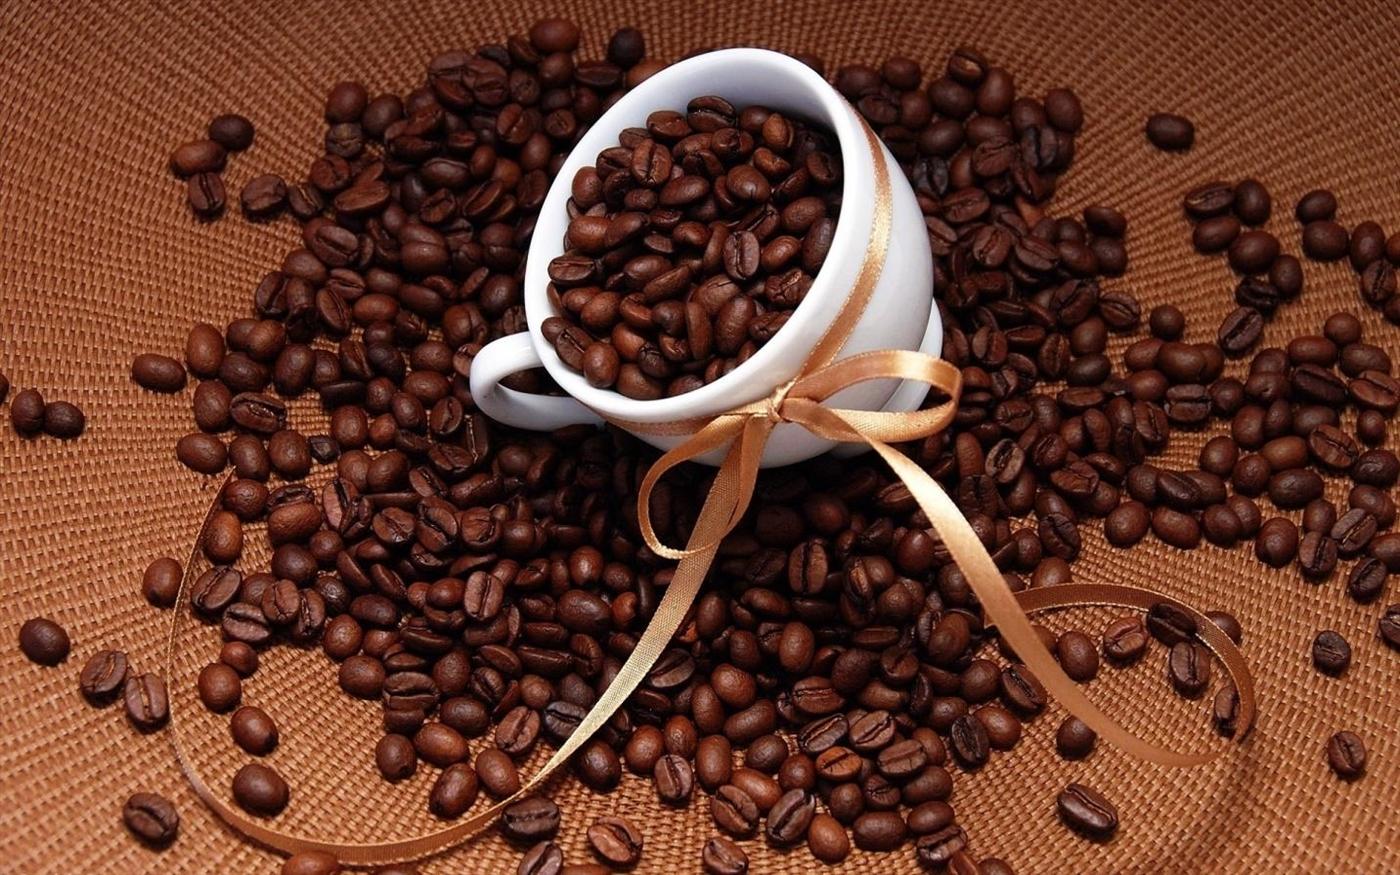 Cà phê rang sơ chứa nhiều polyphenol hơn